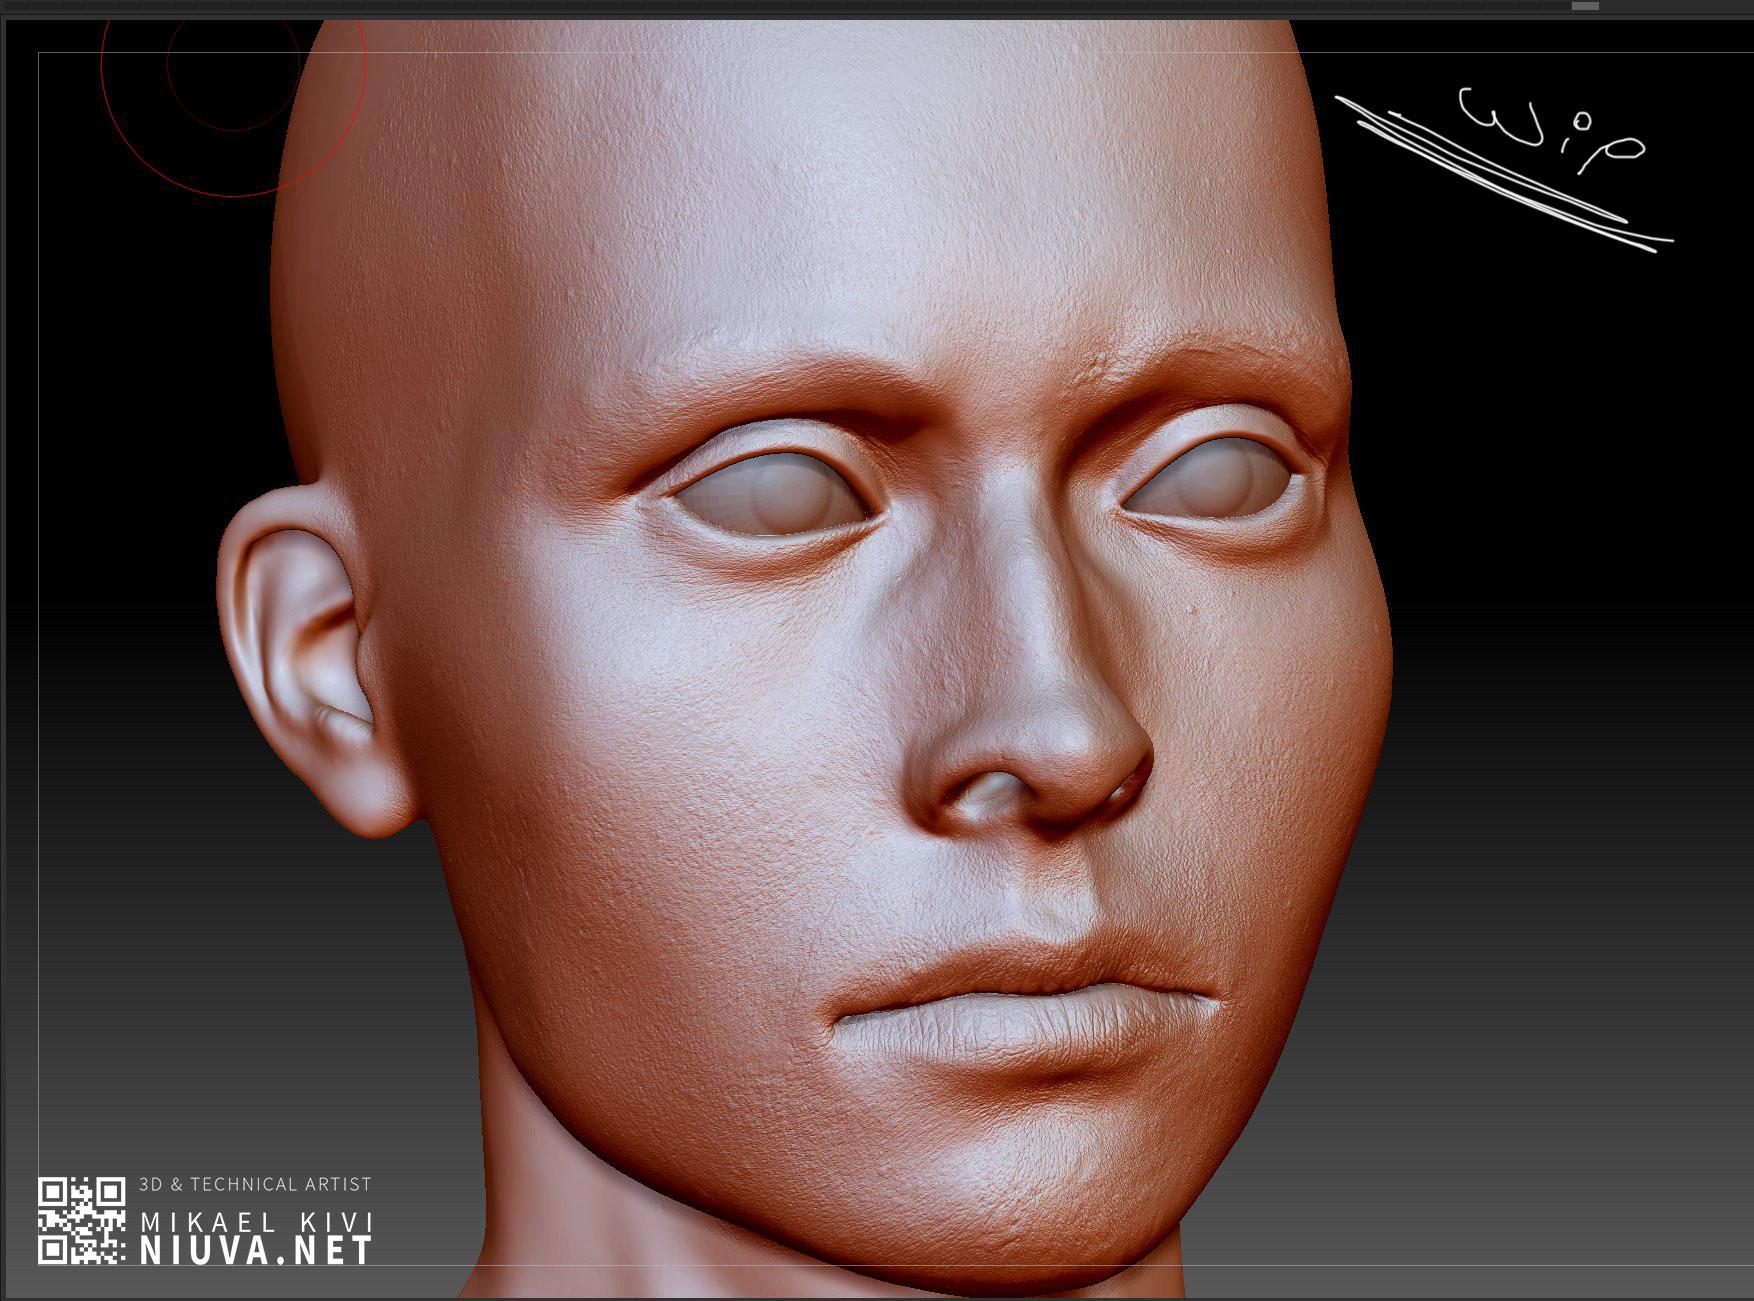 Mikael kivi female face03